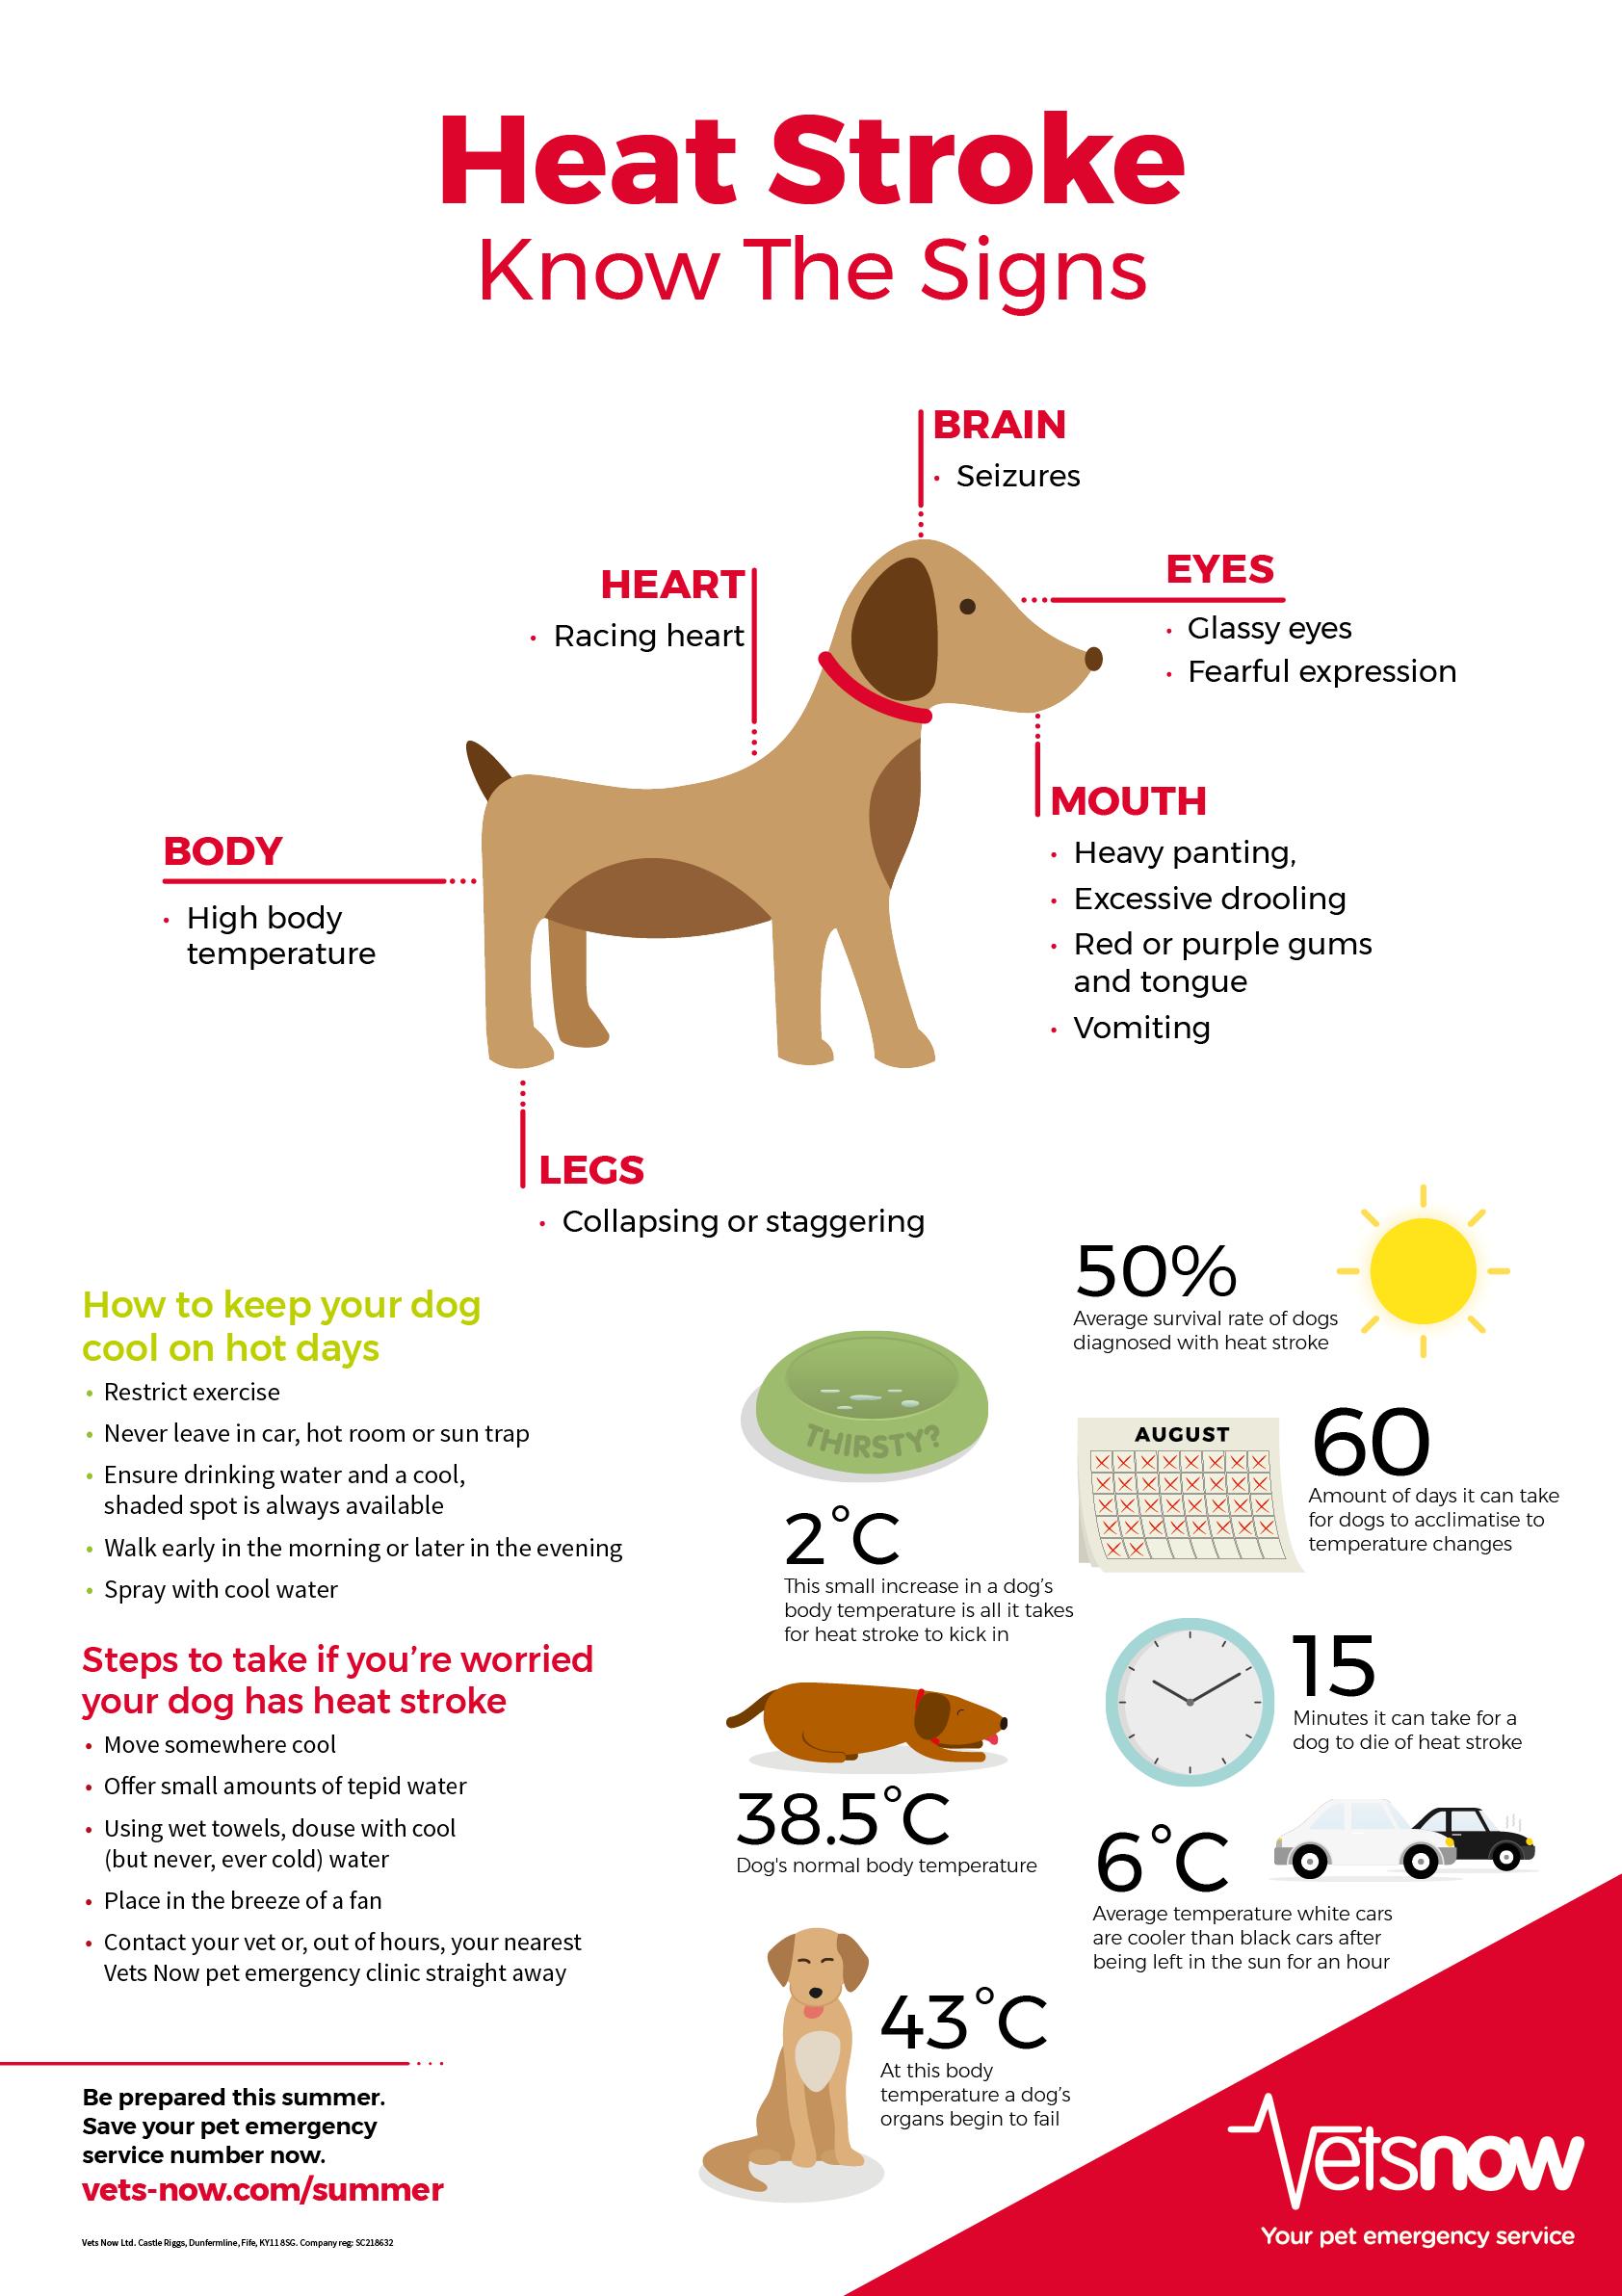 Symptoms Of Heat Stroke In Dogs Infographic Vets Now Heat Stroke In Dogs Dog Infographic Dog In Heat